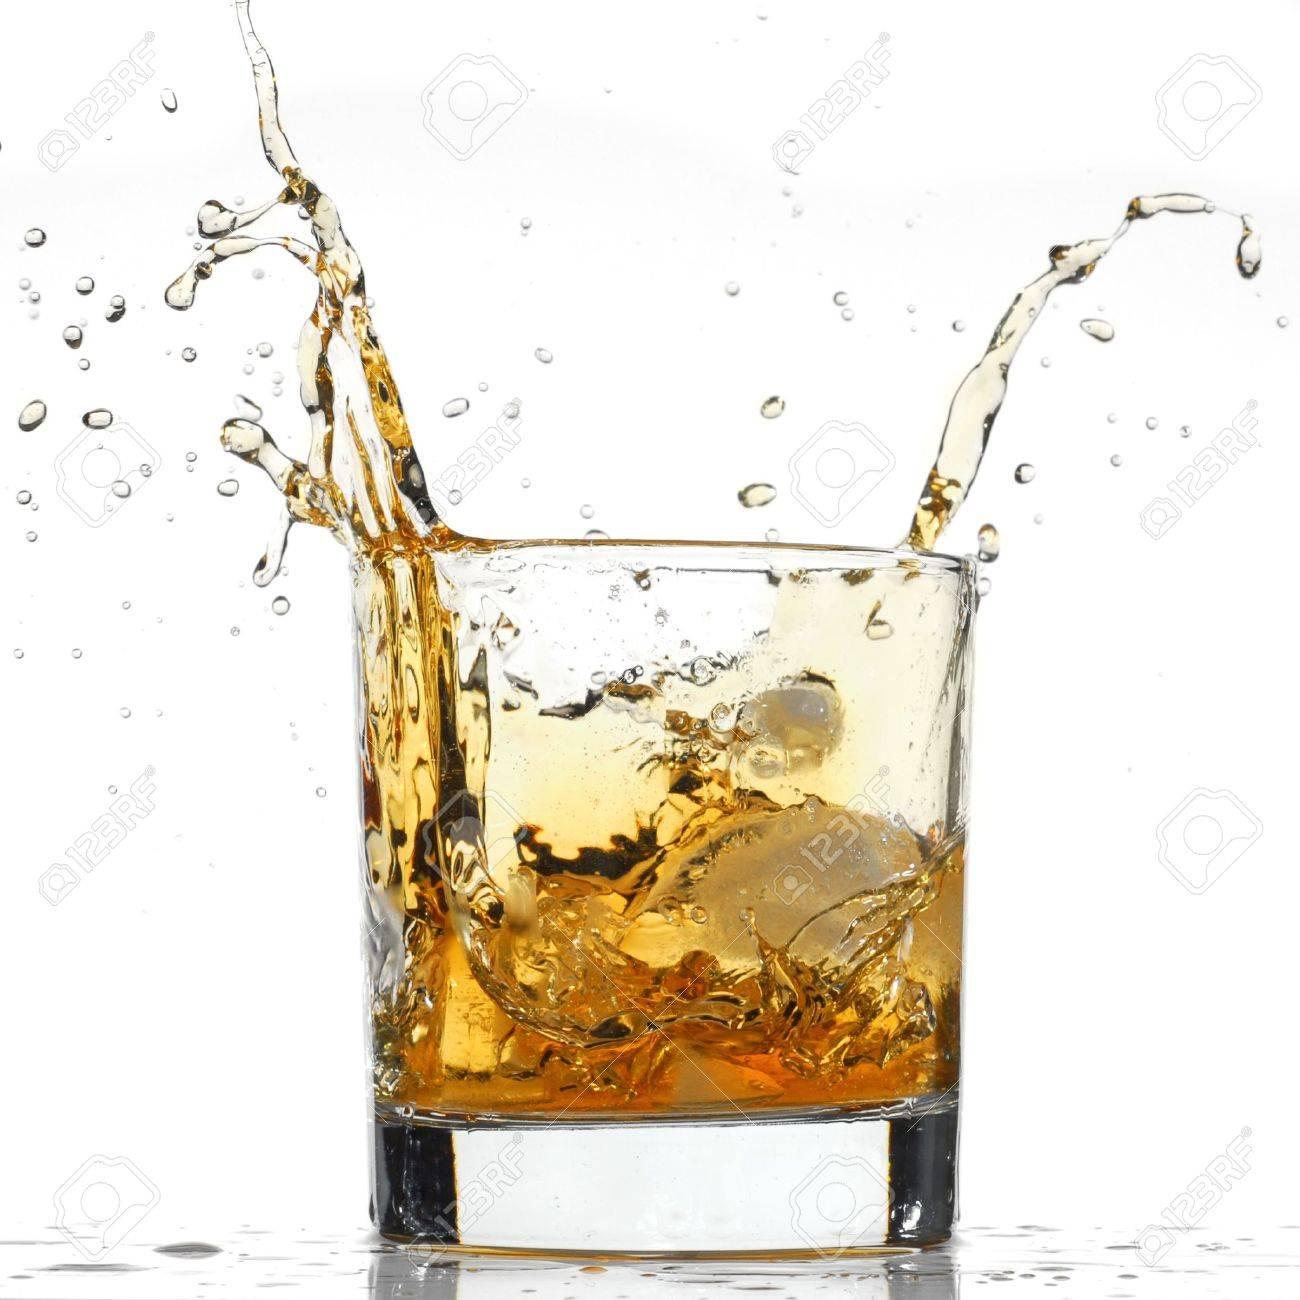 Whiskey splash studio isolated on white background Stock Photo - 4514303